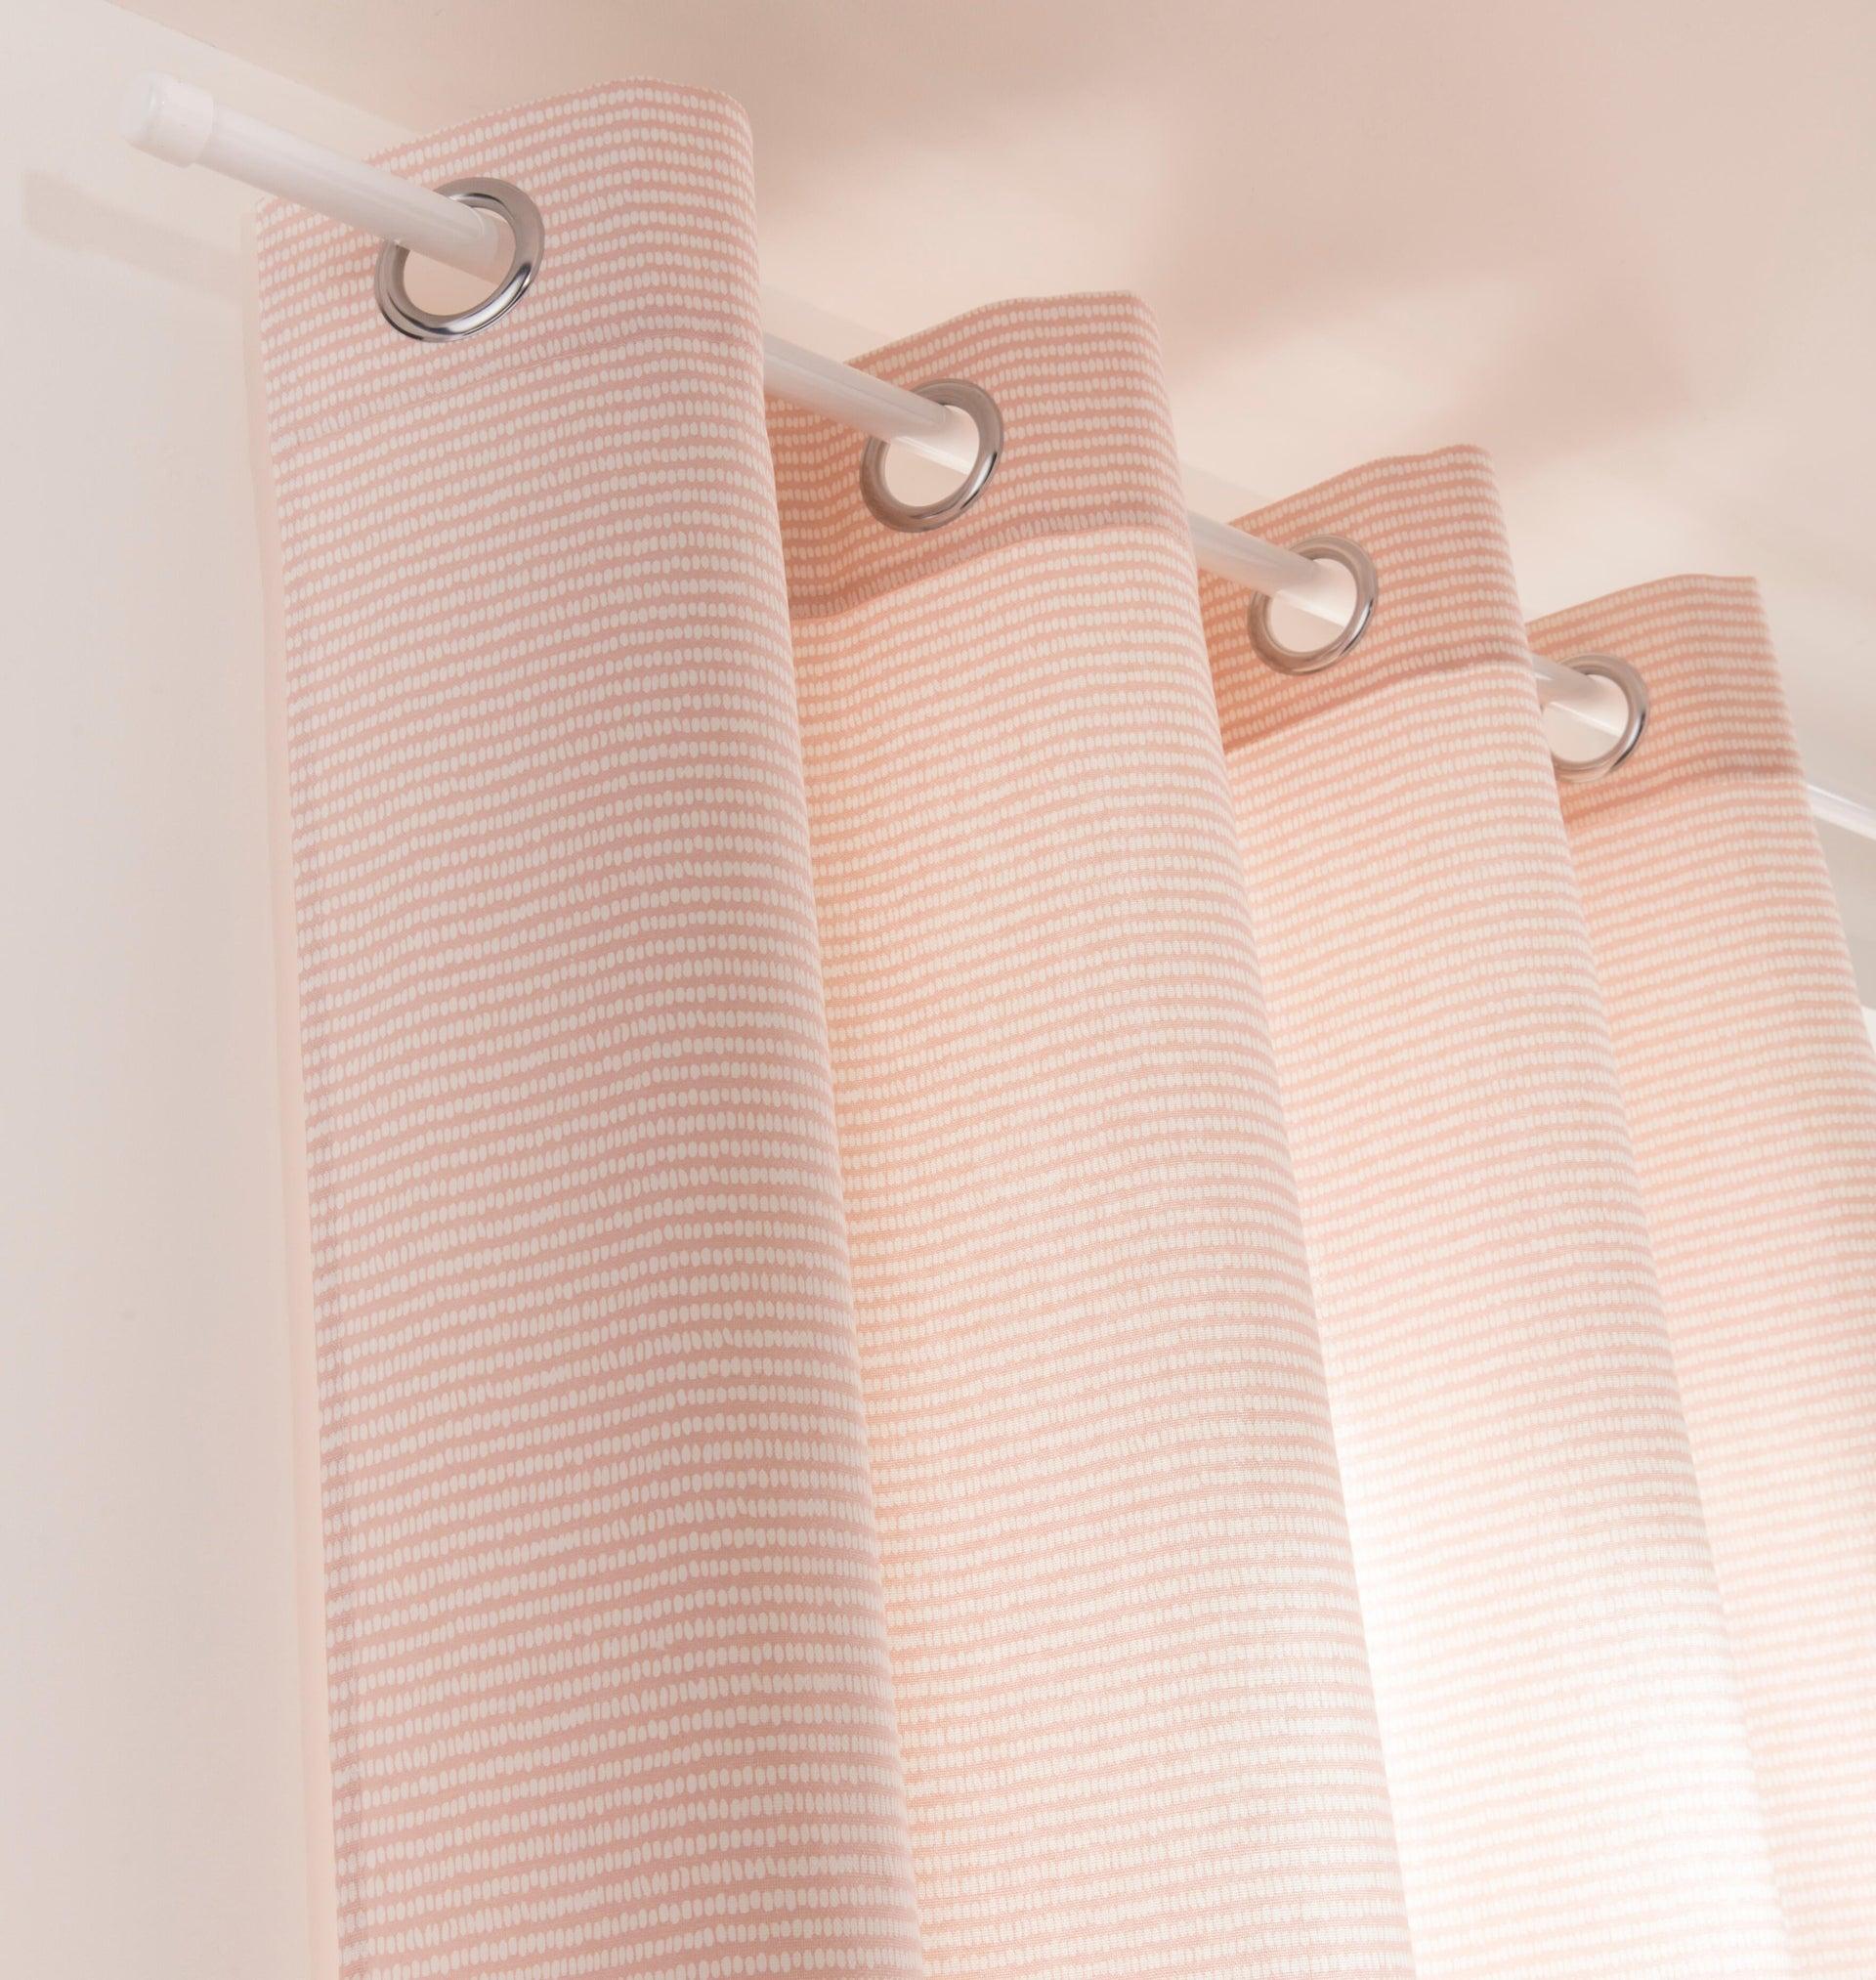 Finale per bastone Nilo tappo in metallo Ø20mm bianco lucido INSPIRE Set di 2 pezzi - 3